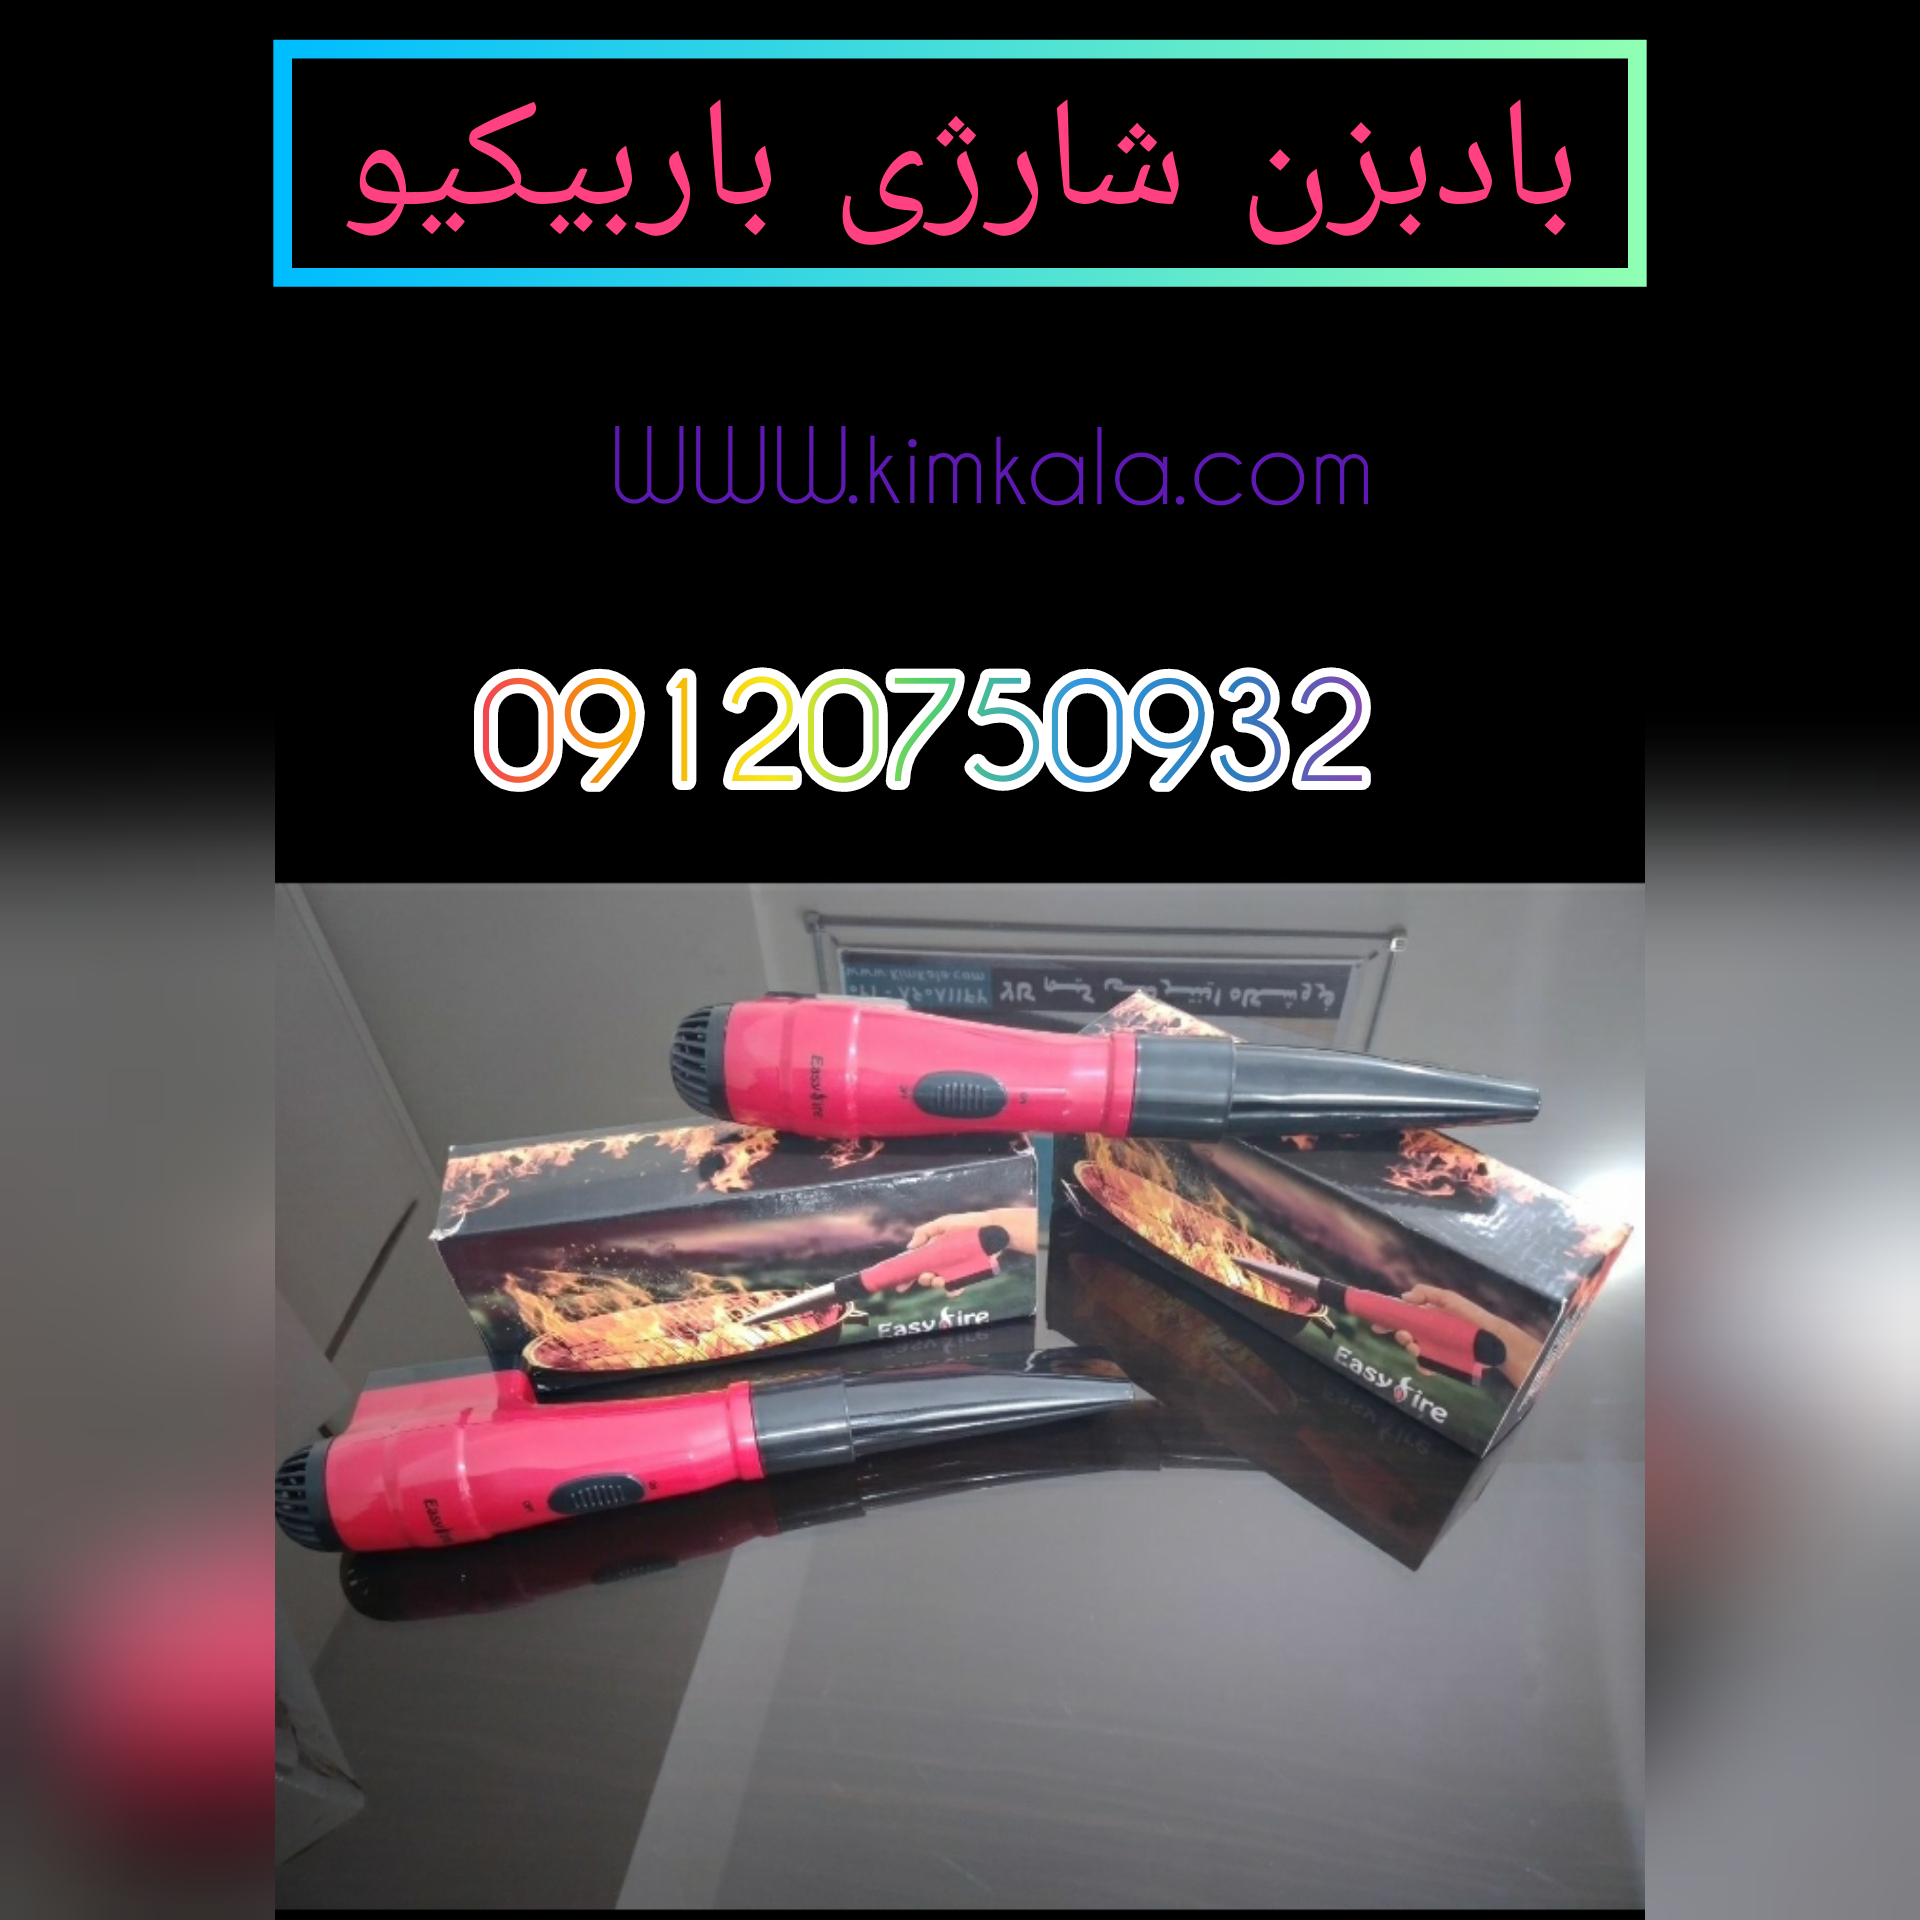 بادبزن شارژی بابیکیو/09120750932/قیمت بادبزن